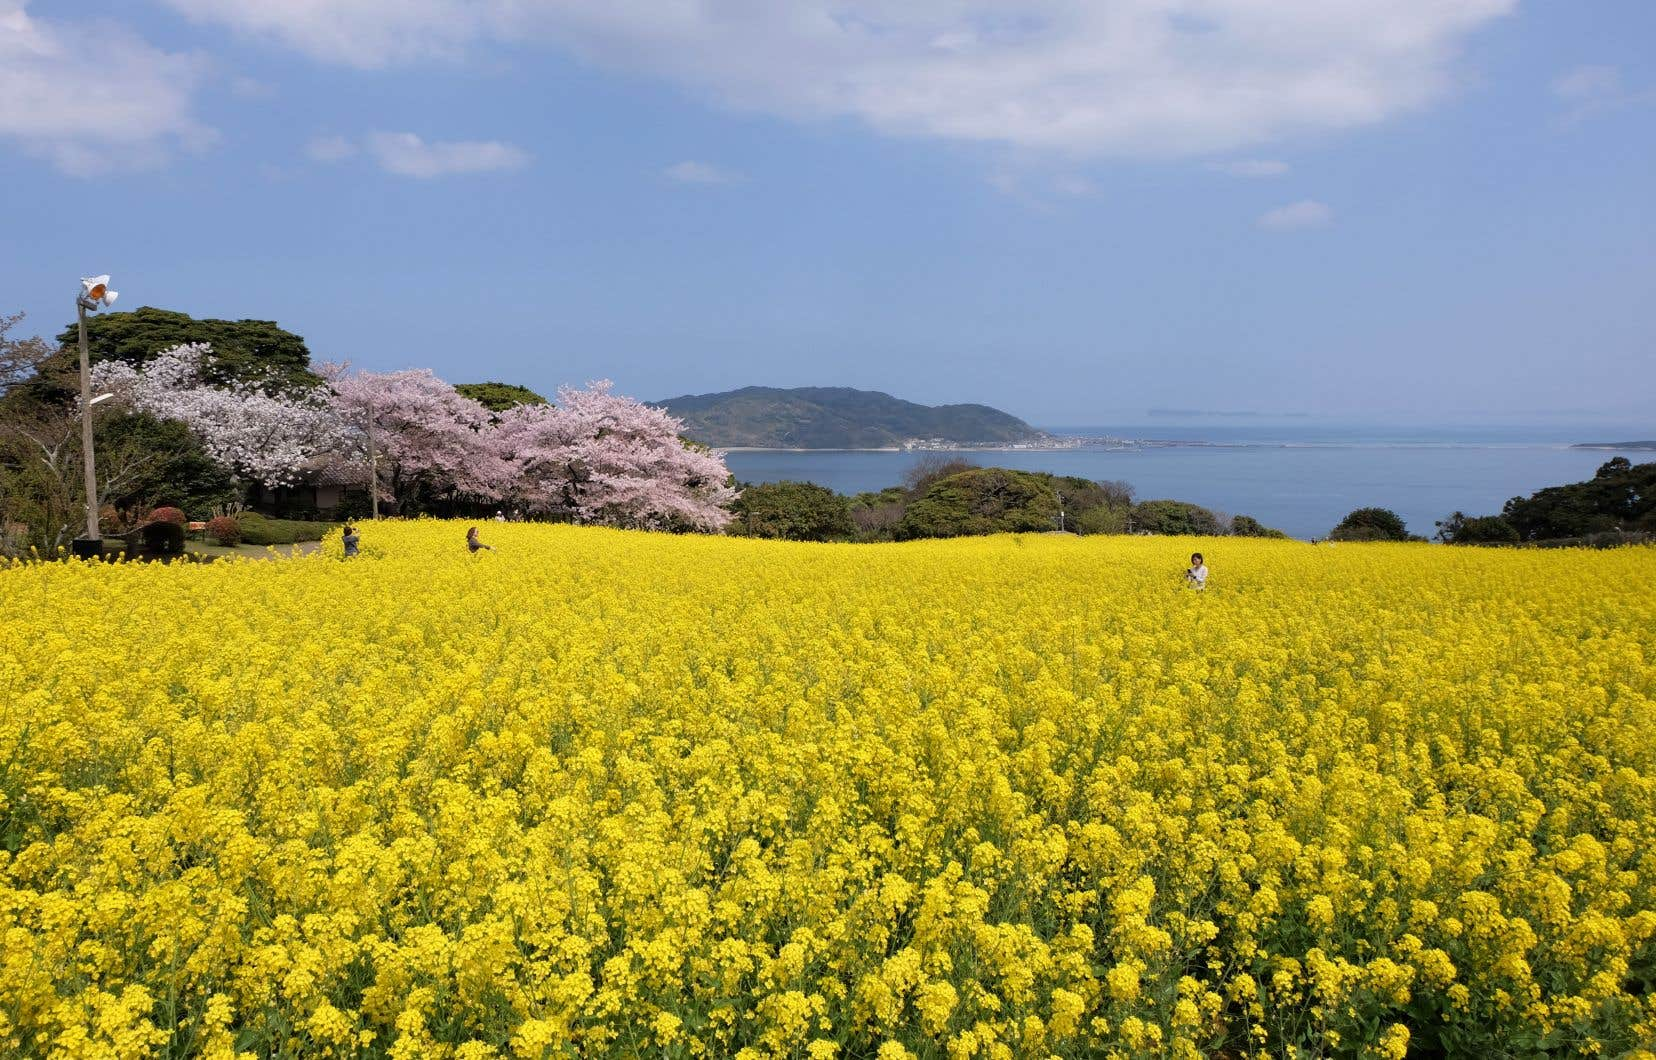 Par beau temps, une petite excursion sur l'île de Nokonoshima s'impose. Dix minutes de traversier, et comme par magie, nous voilà en pleine campagne.